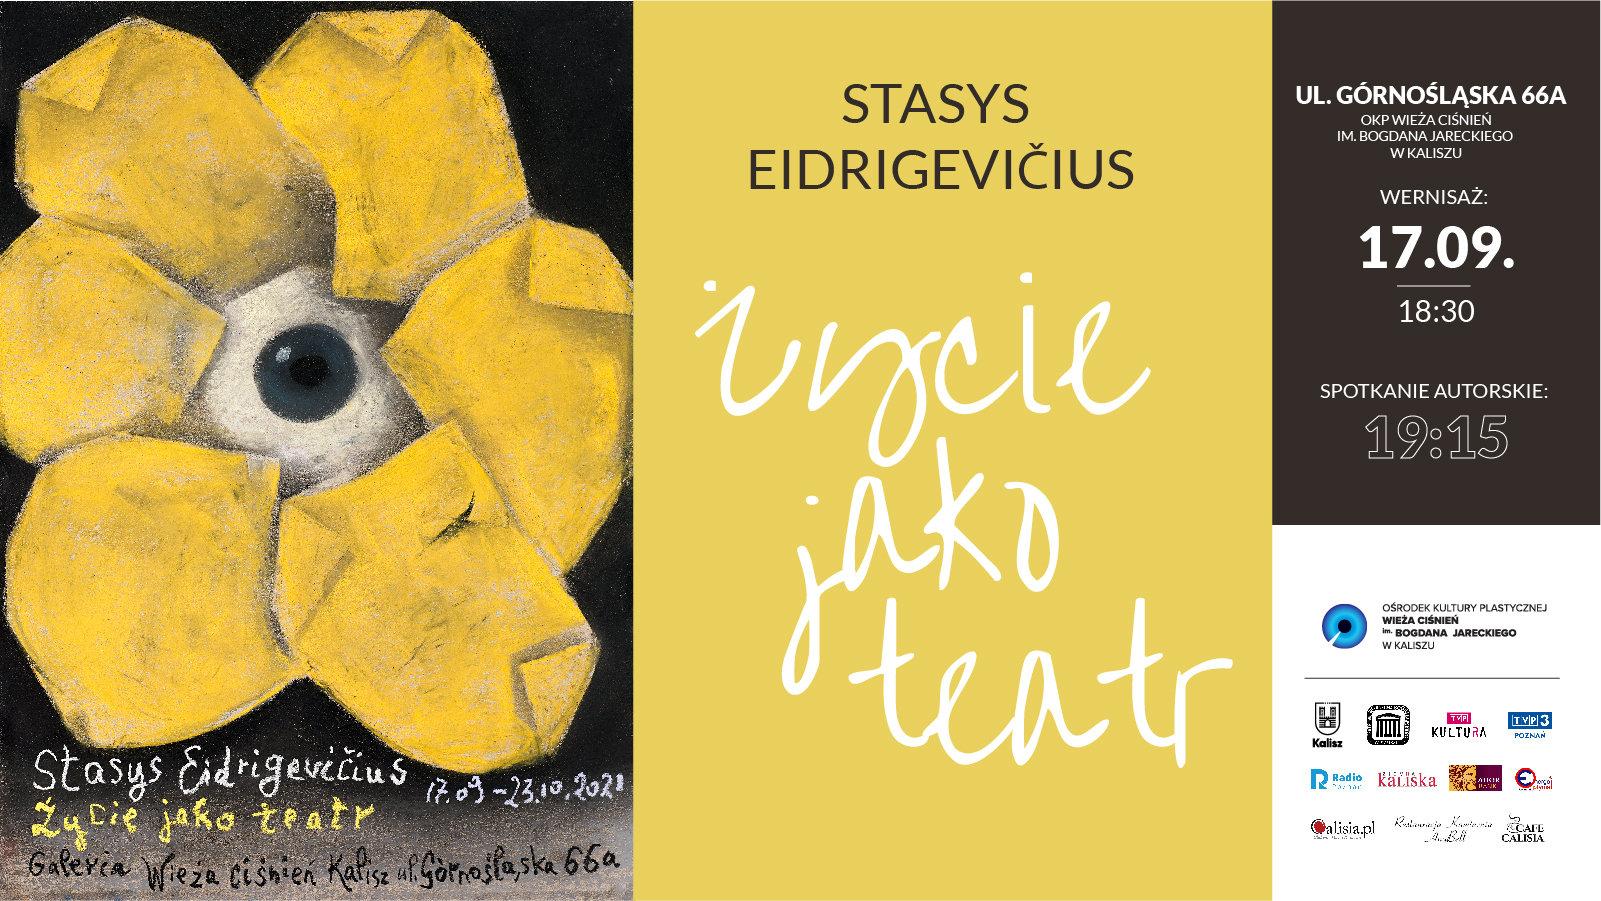 Stasys Eidrigevicius - www.wiezacisnien.kalisz.pl